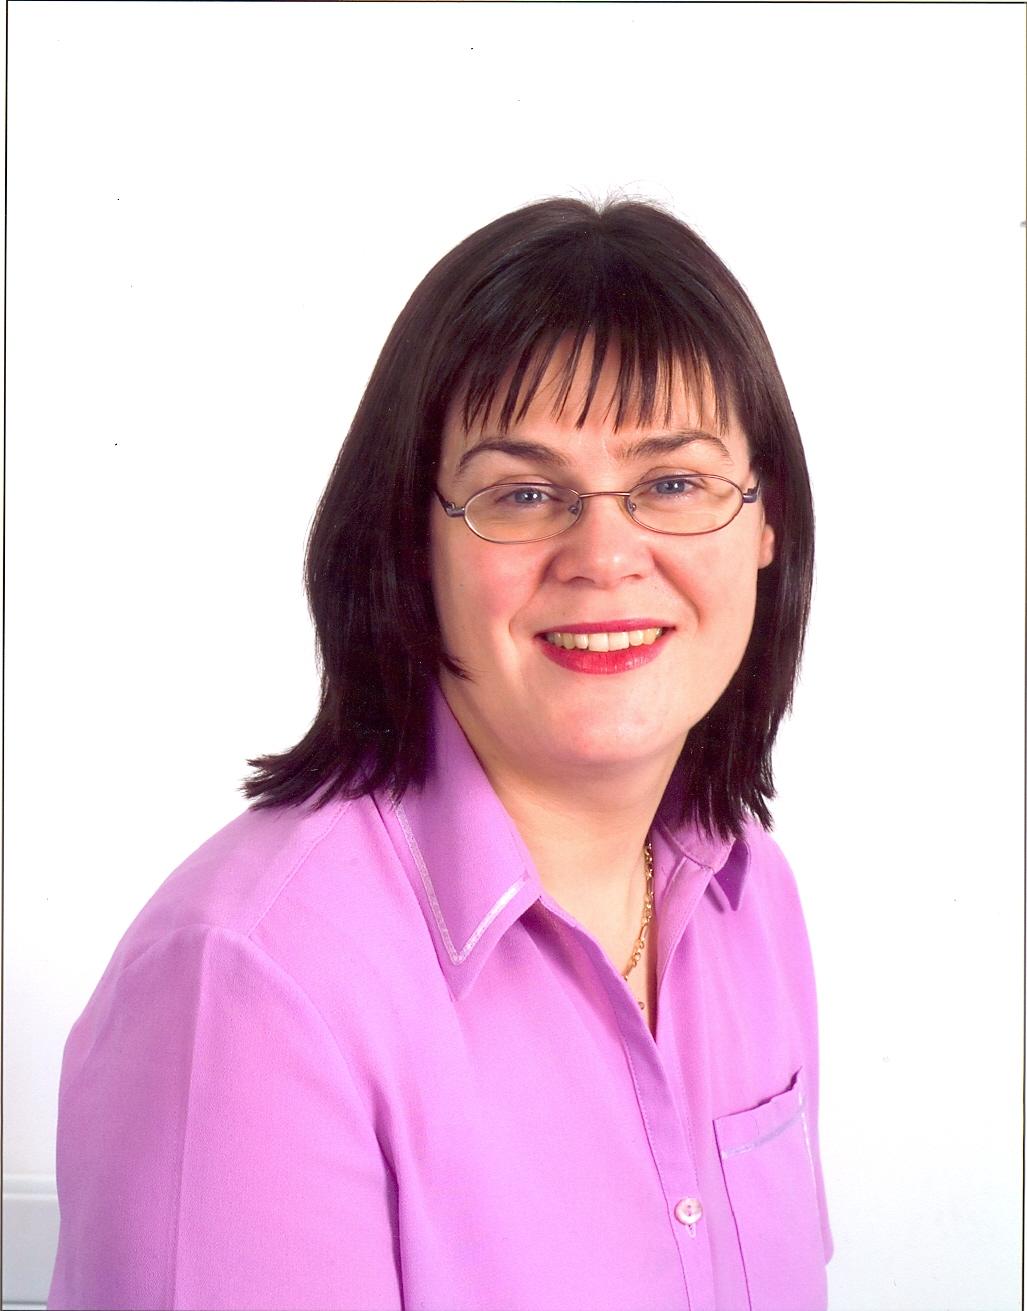 Sheahan, Linda